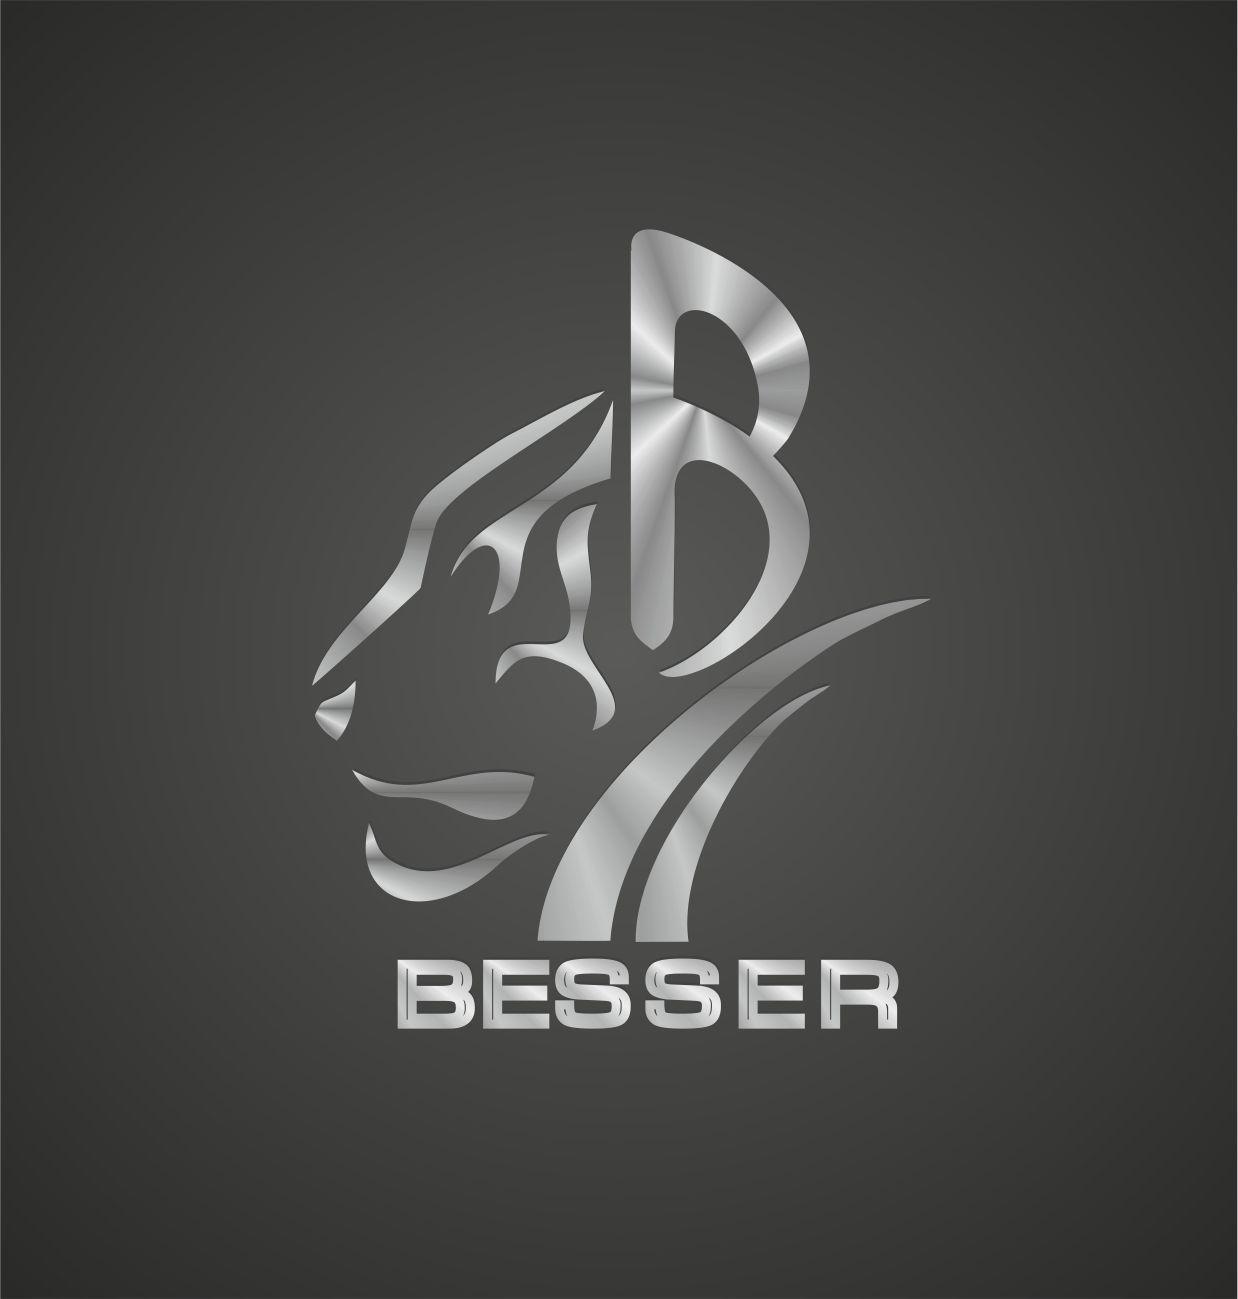 Логотип для тюнинг-ателье BESSER - дизайнер janezol